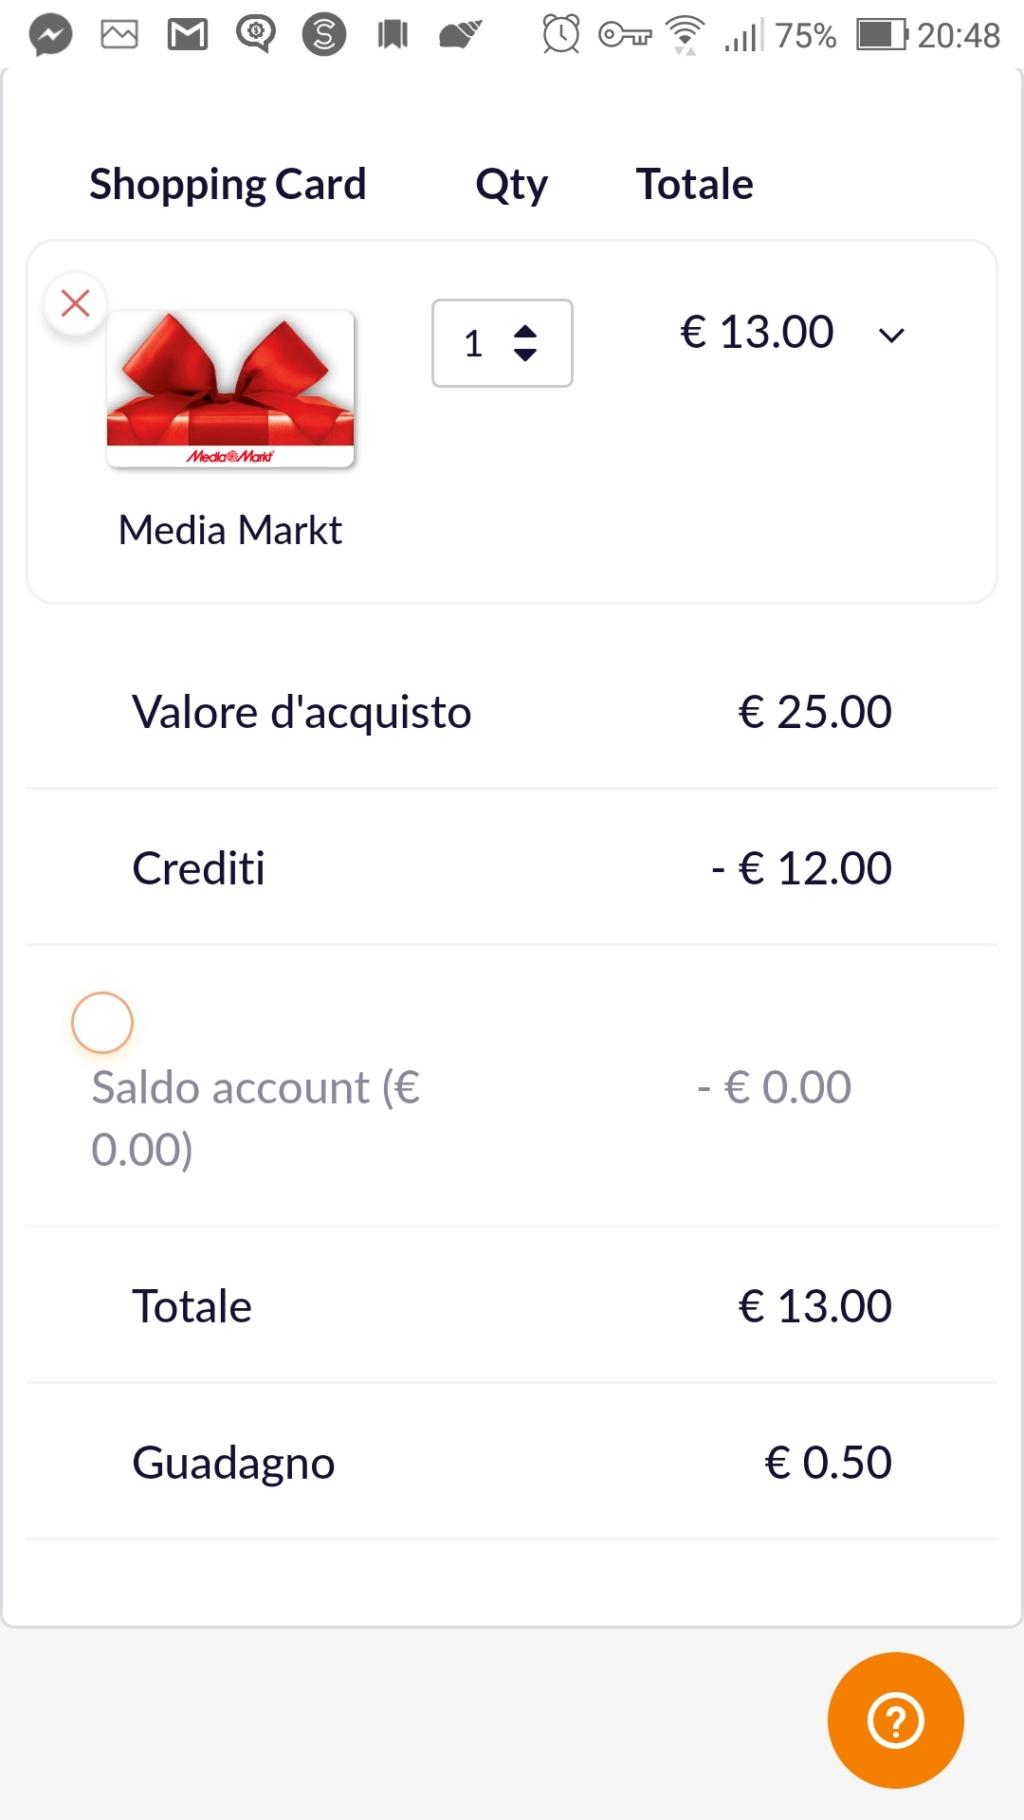 Oportunidade [Provado] Sixthcontinent - Vales Media Markt, Cepsa, Decathlon, Mango, etc por metade do preço! (já poupei 100 euros) Screen11